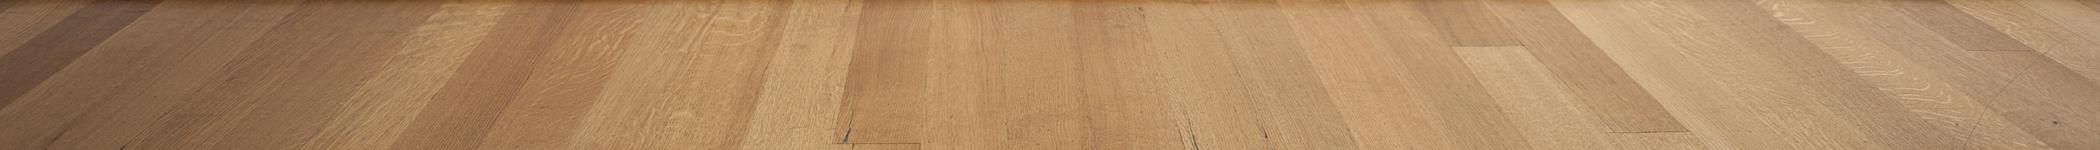 Wood Header Background